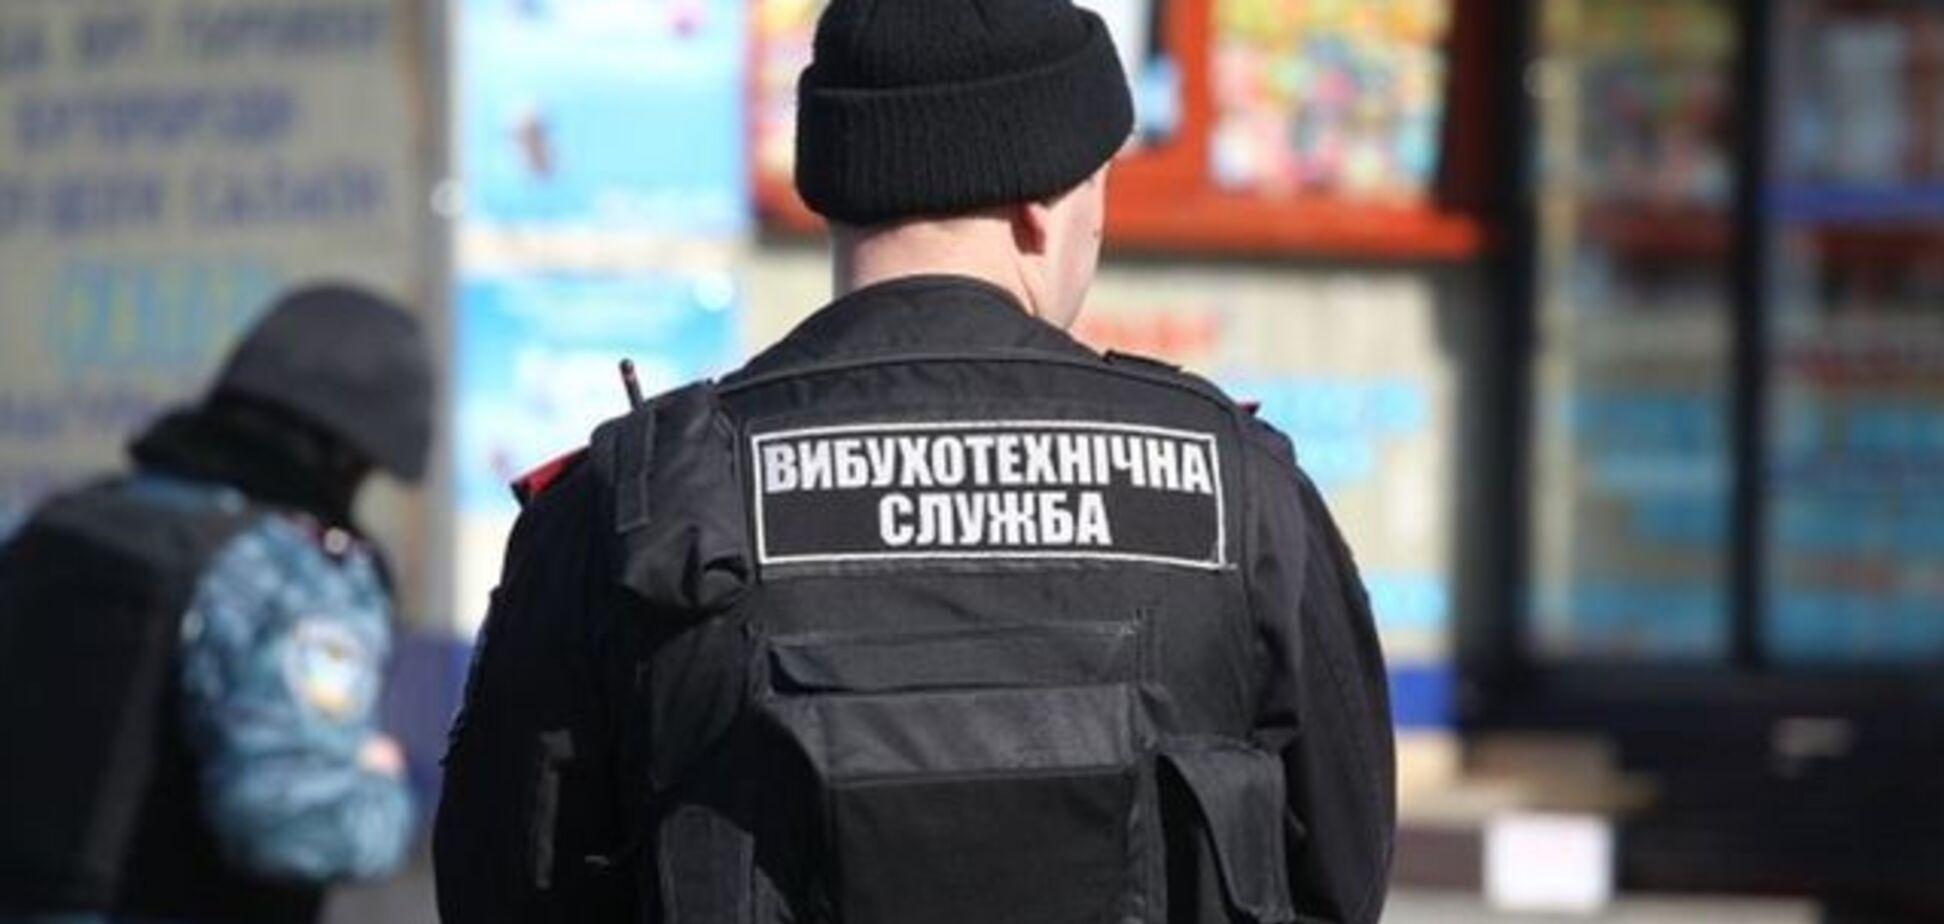 Волна минирований в Украине: в Нацполиции сообщили впечатляющую статистку